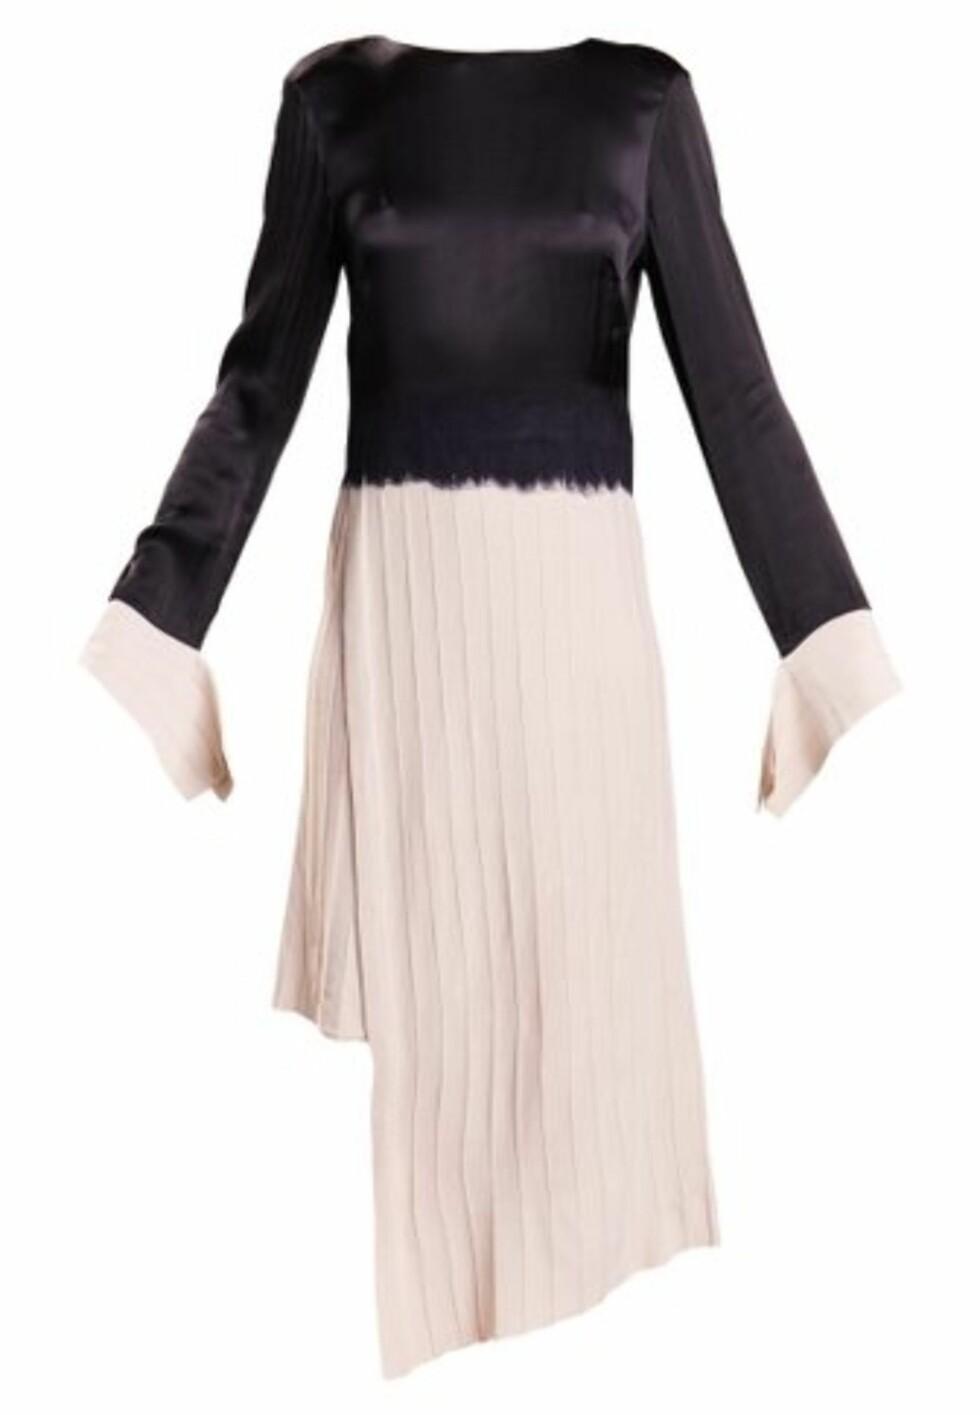 Kjole fra Dagmar via Nelly.com  5499,-  https://nelly.com/no/kl%C3%A6r-til-kvinner/kl%C3%A6r/kjoler/dagmar-576/nia-dress-576616-0984/